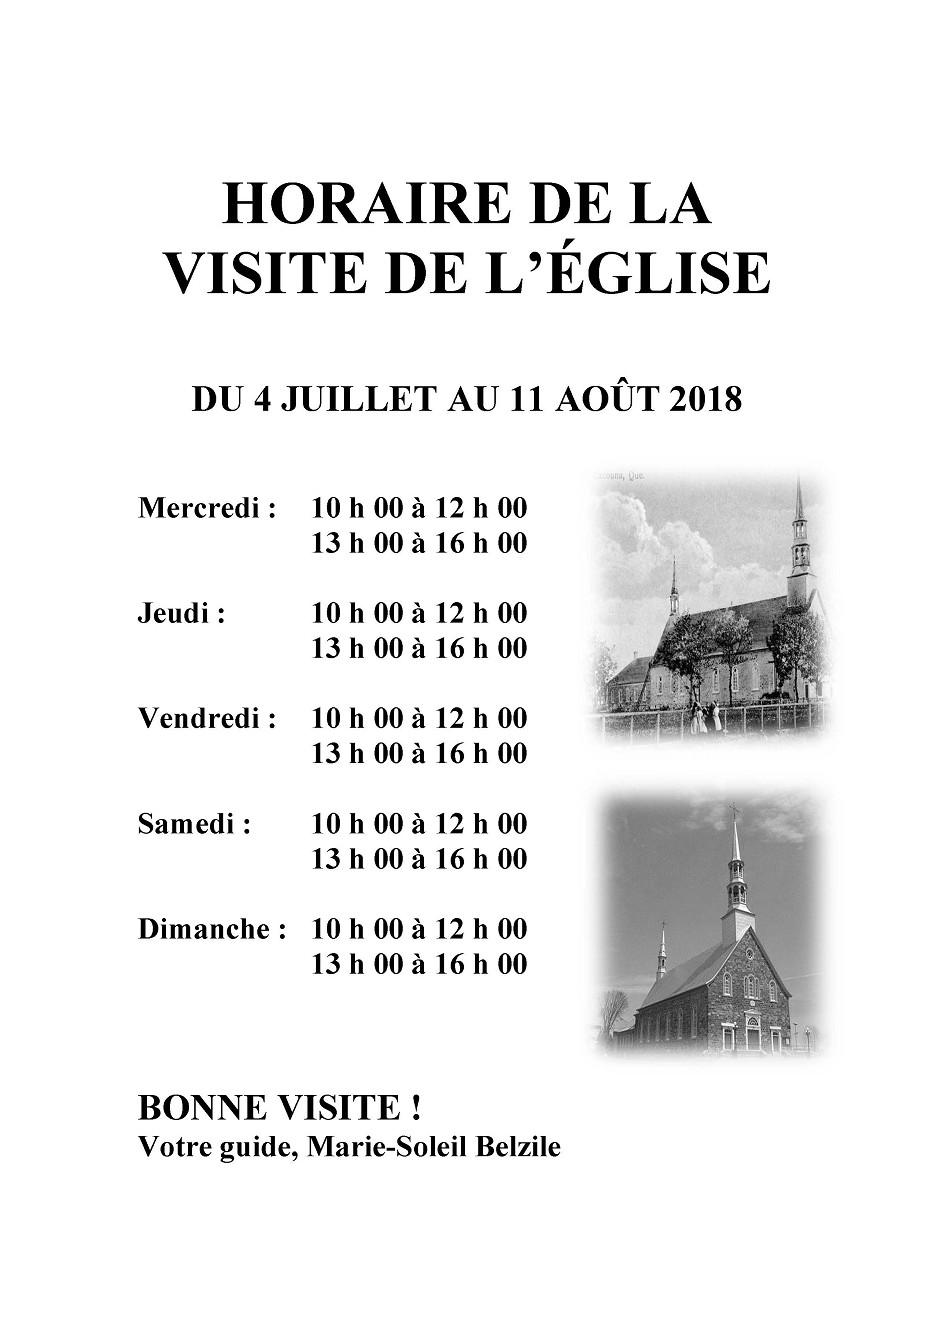 HORAIRE DE LA VISITE DE L'ÉGLISE 2018 (Auteur : Angélika)